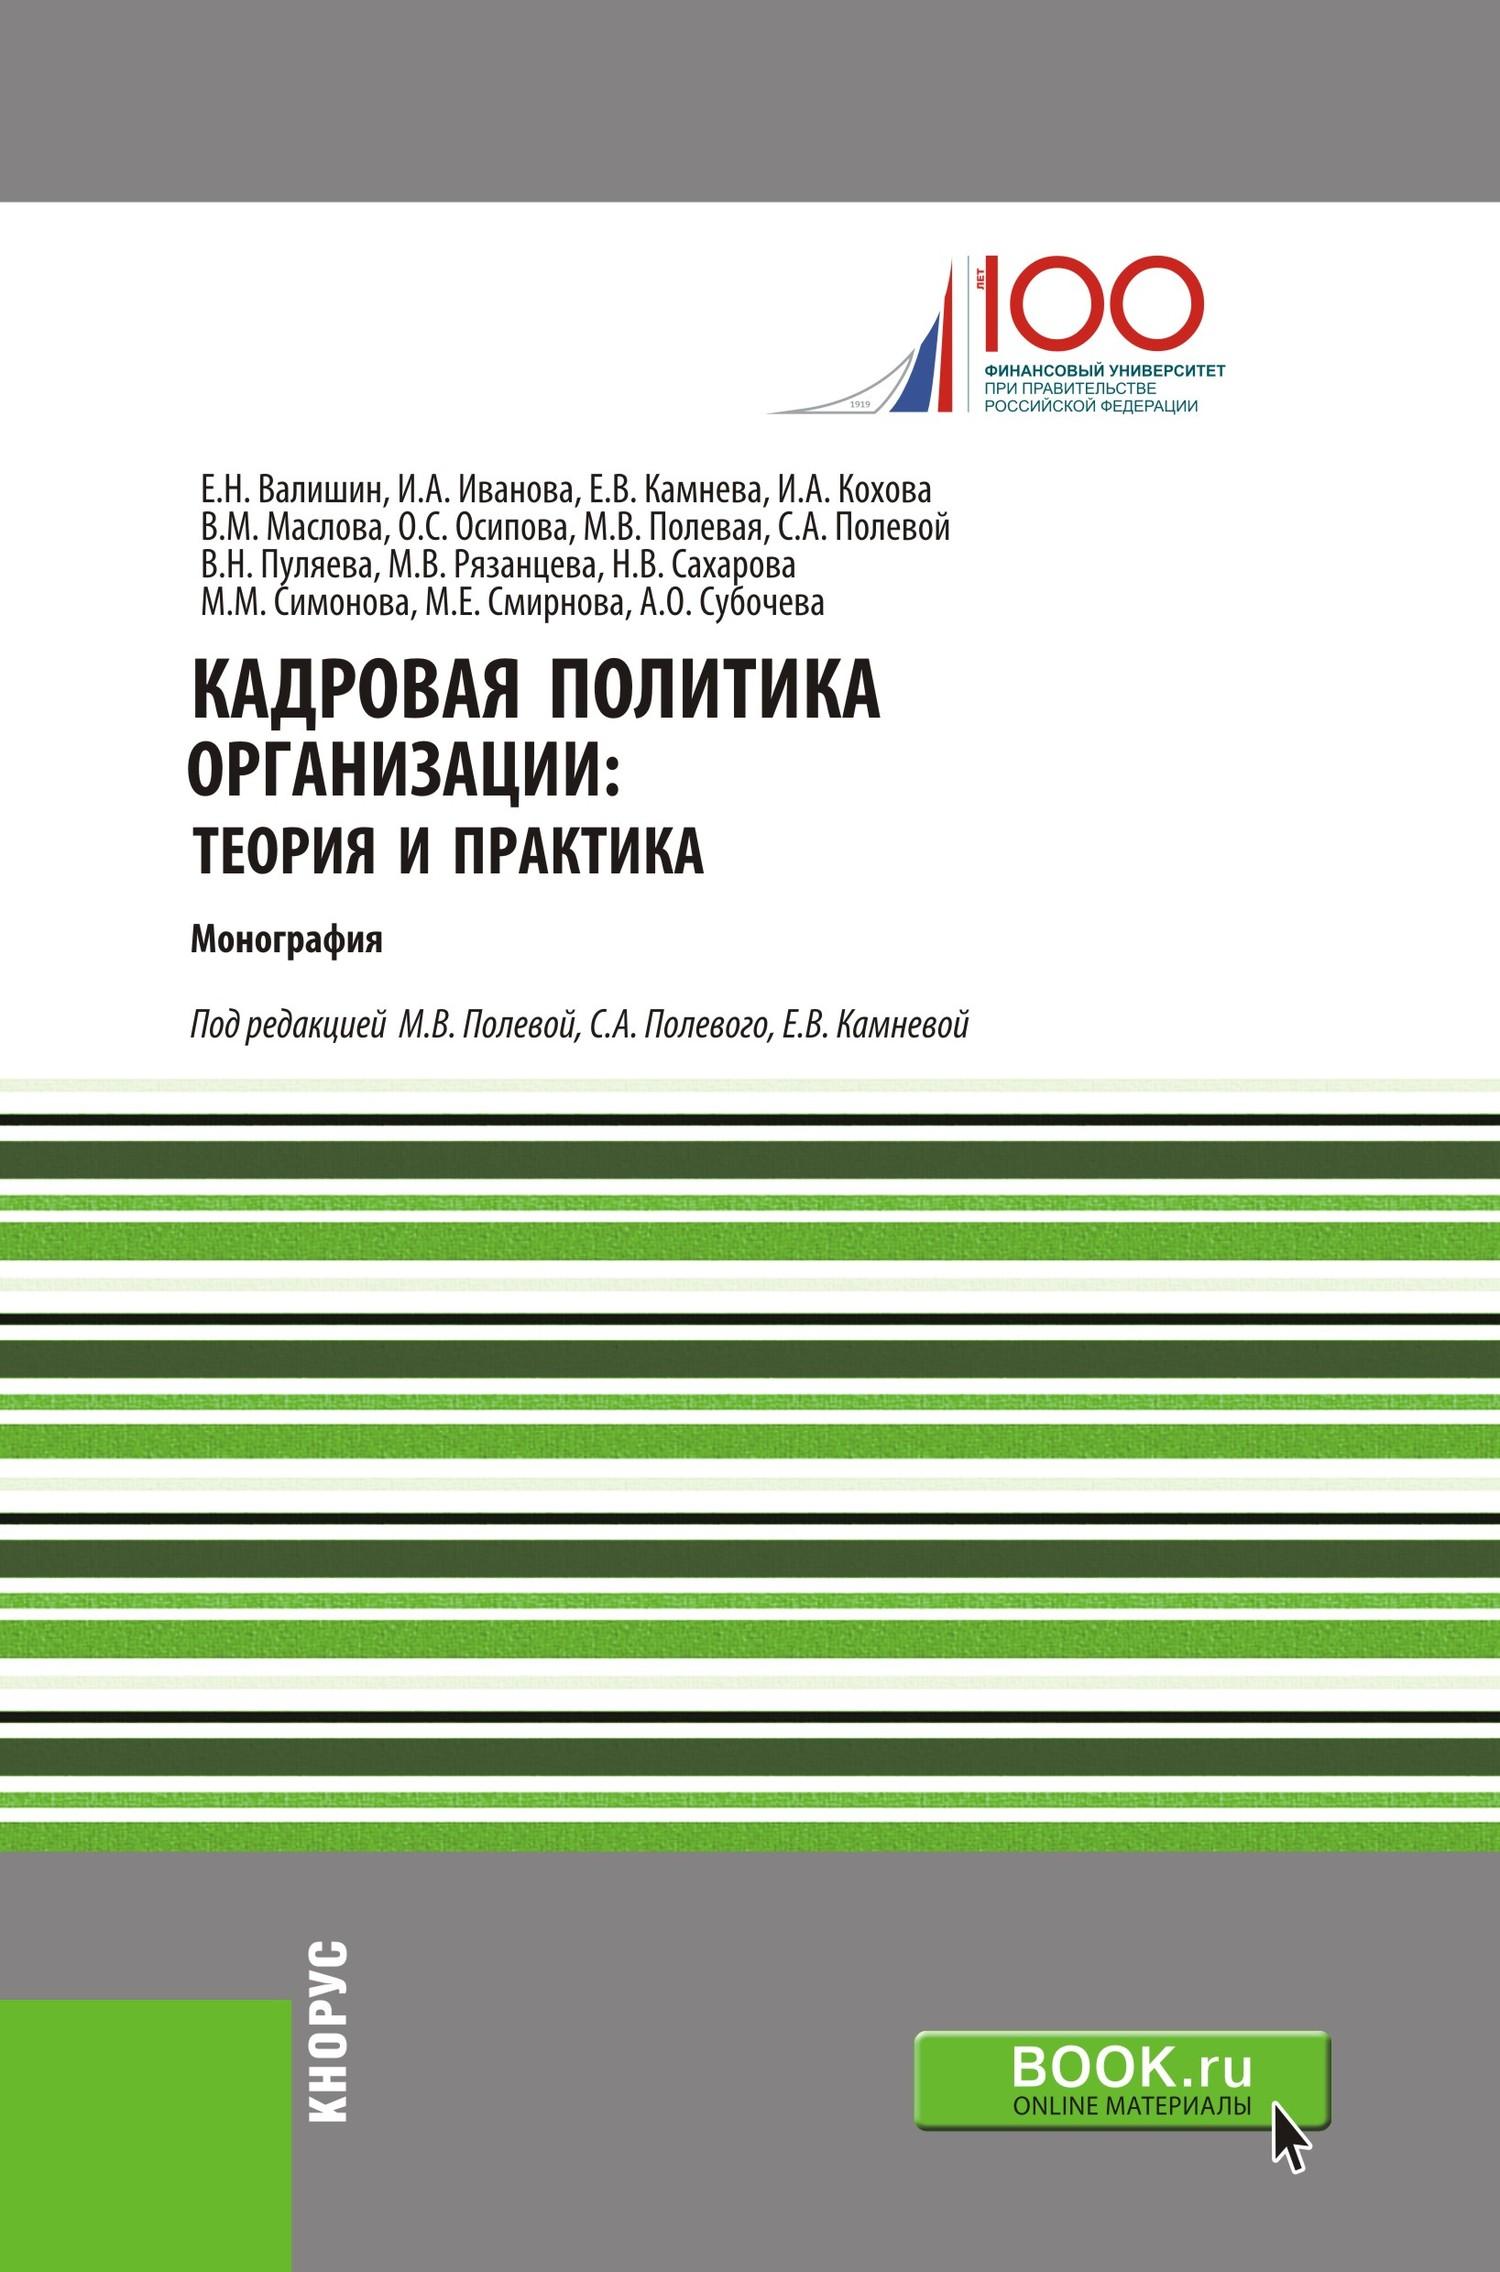 Коллектив авторов Кадровая политика организации: теория и практика